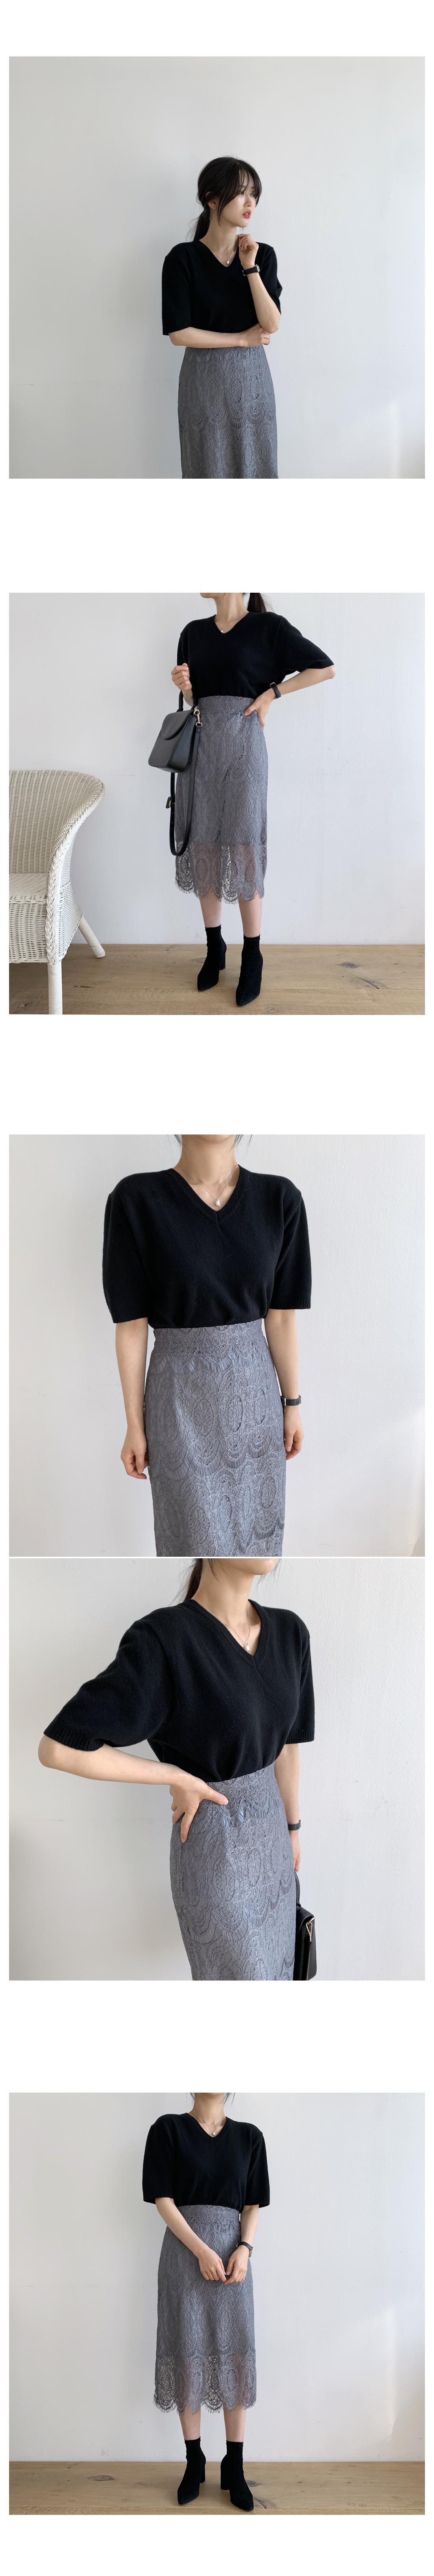 Hera race long skirt